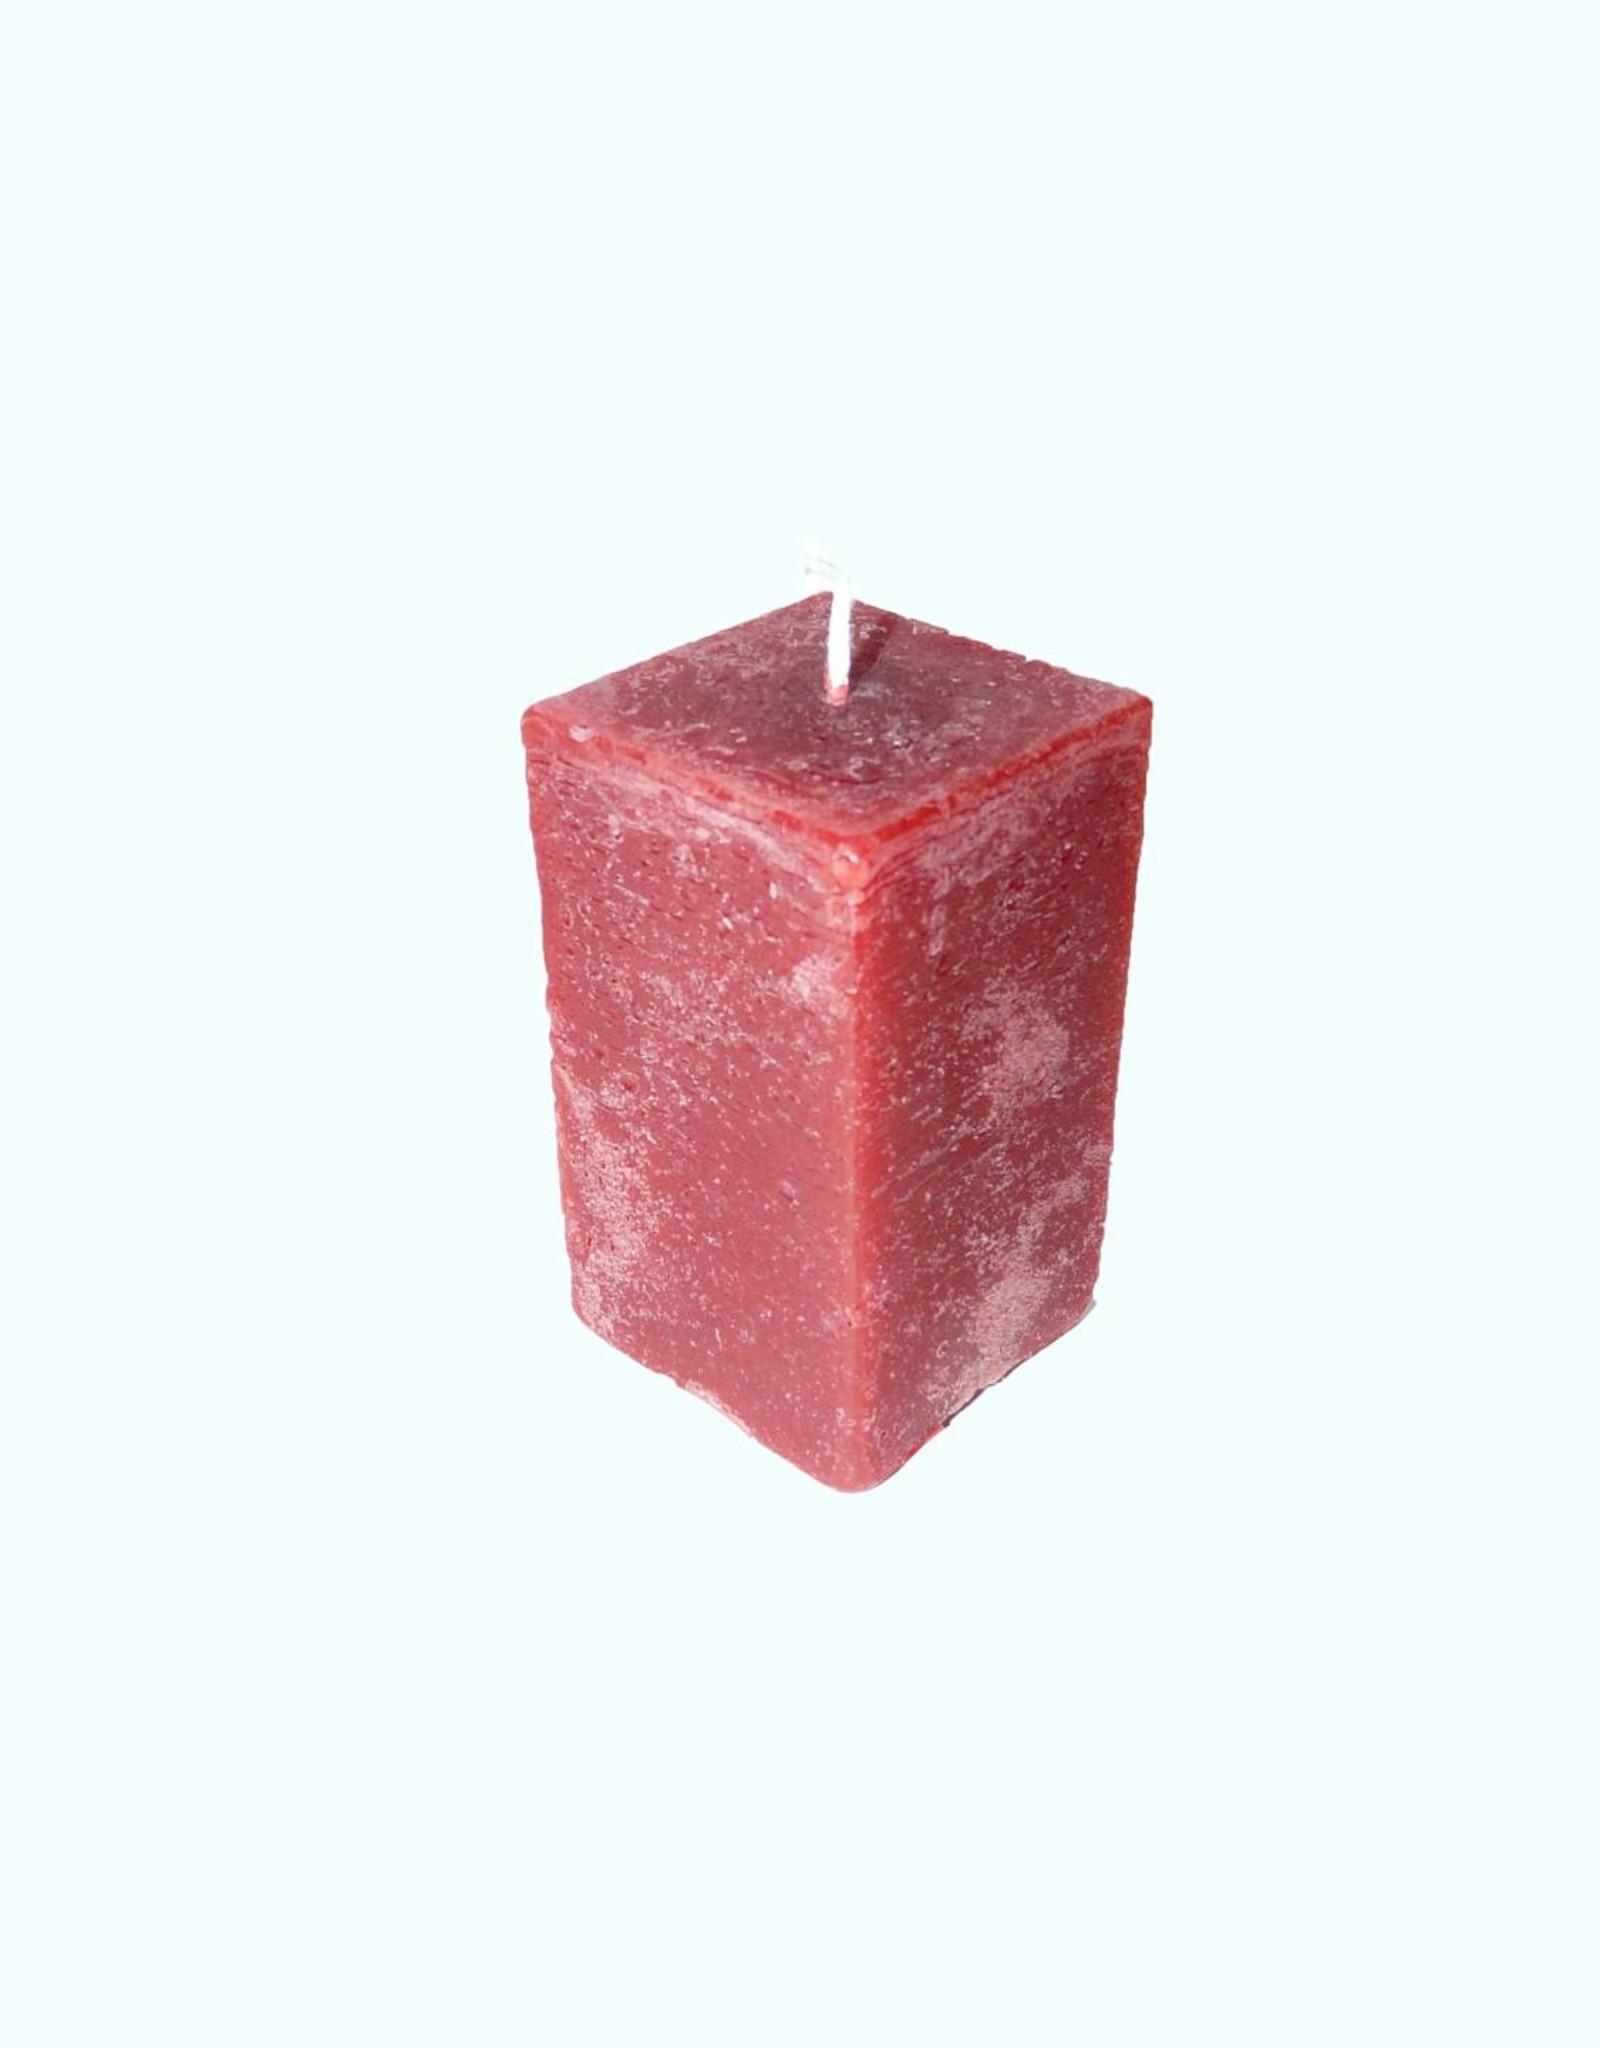 Kaars Vierkant Rustique Bordeaux Rood 6x6x10 cm